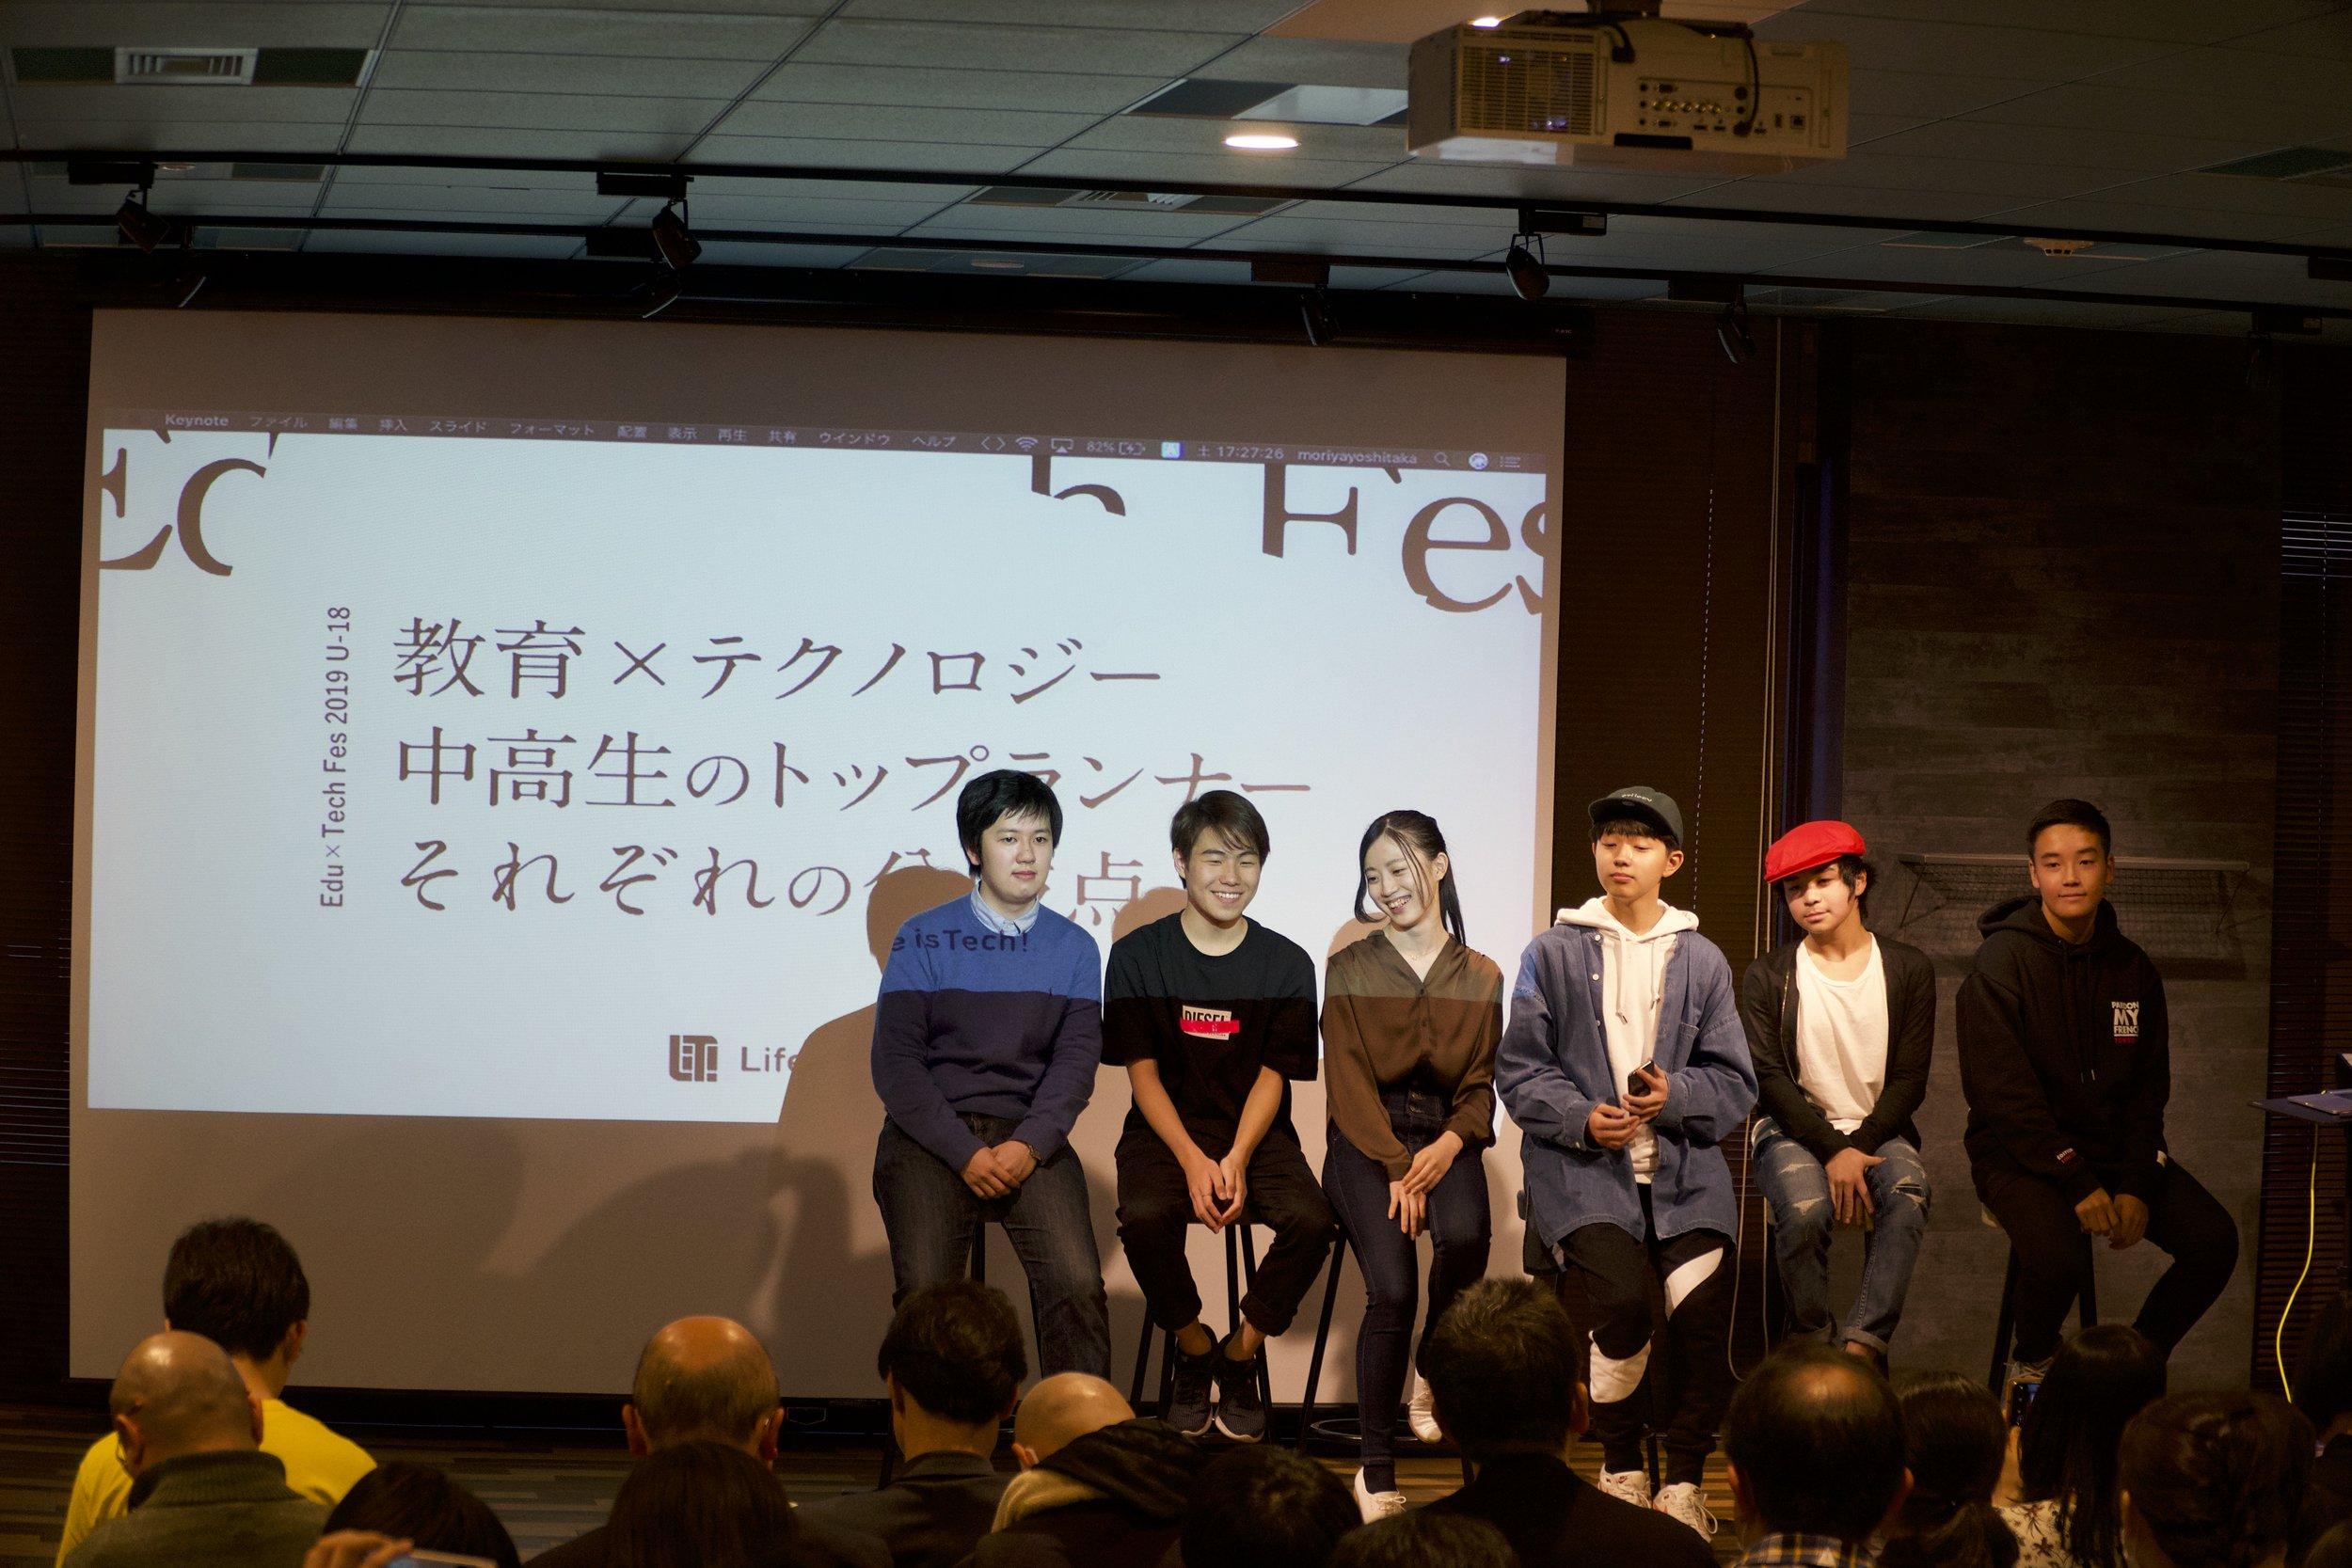 右から中馬氏、中島氏、SASUKE氏、西林氏、山内氏、佐藤氏。